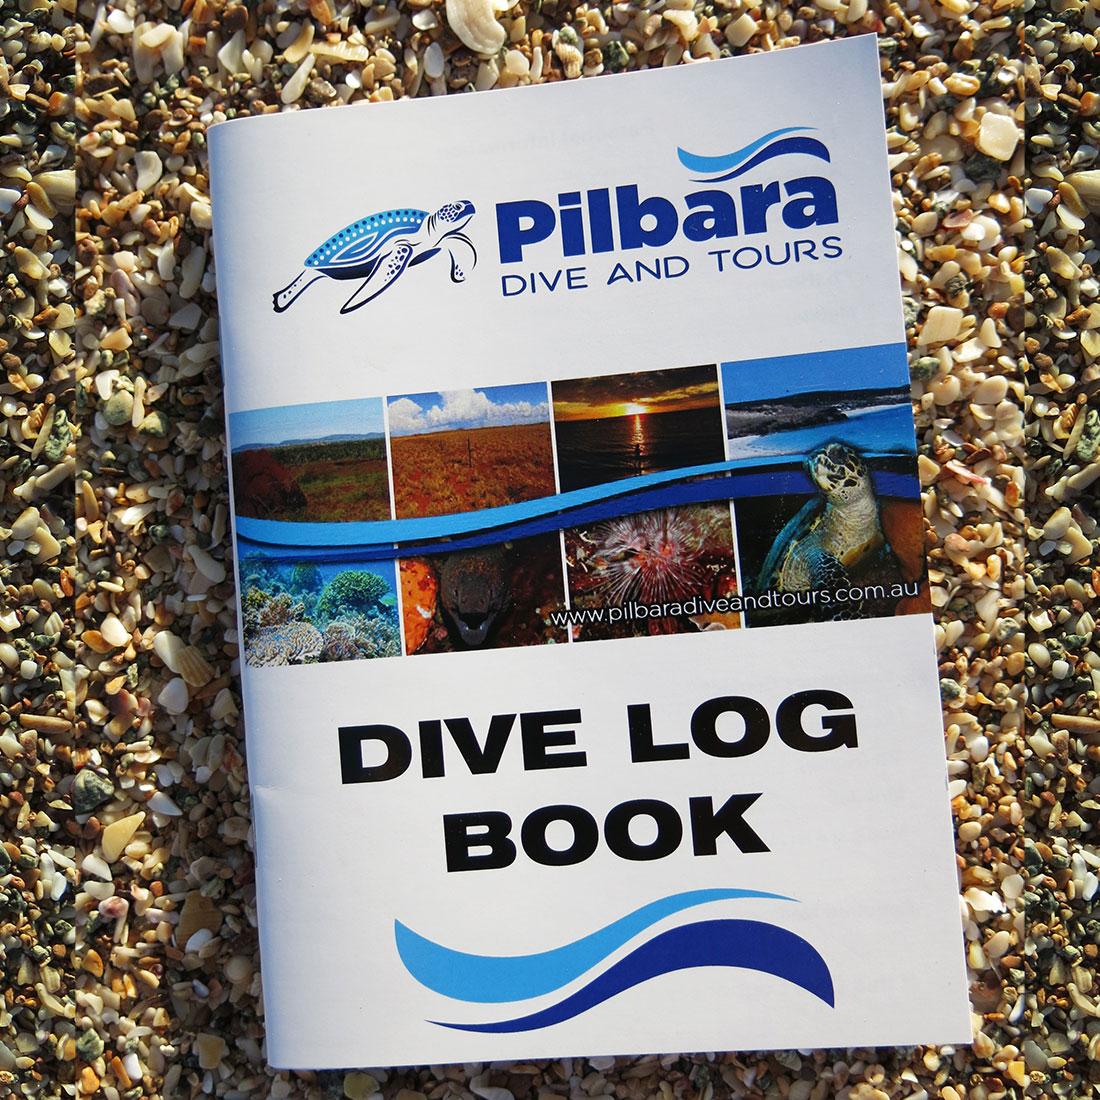 Pilbara Dive and Tours Dive Log Book